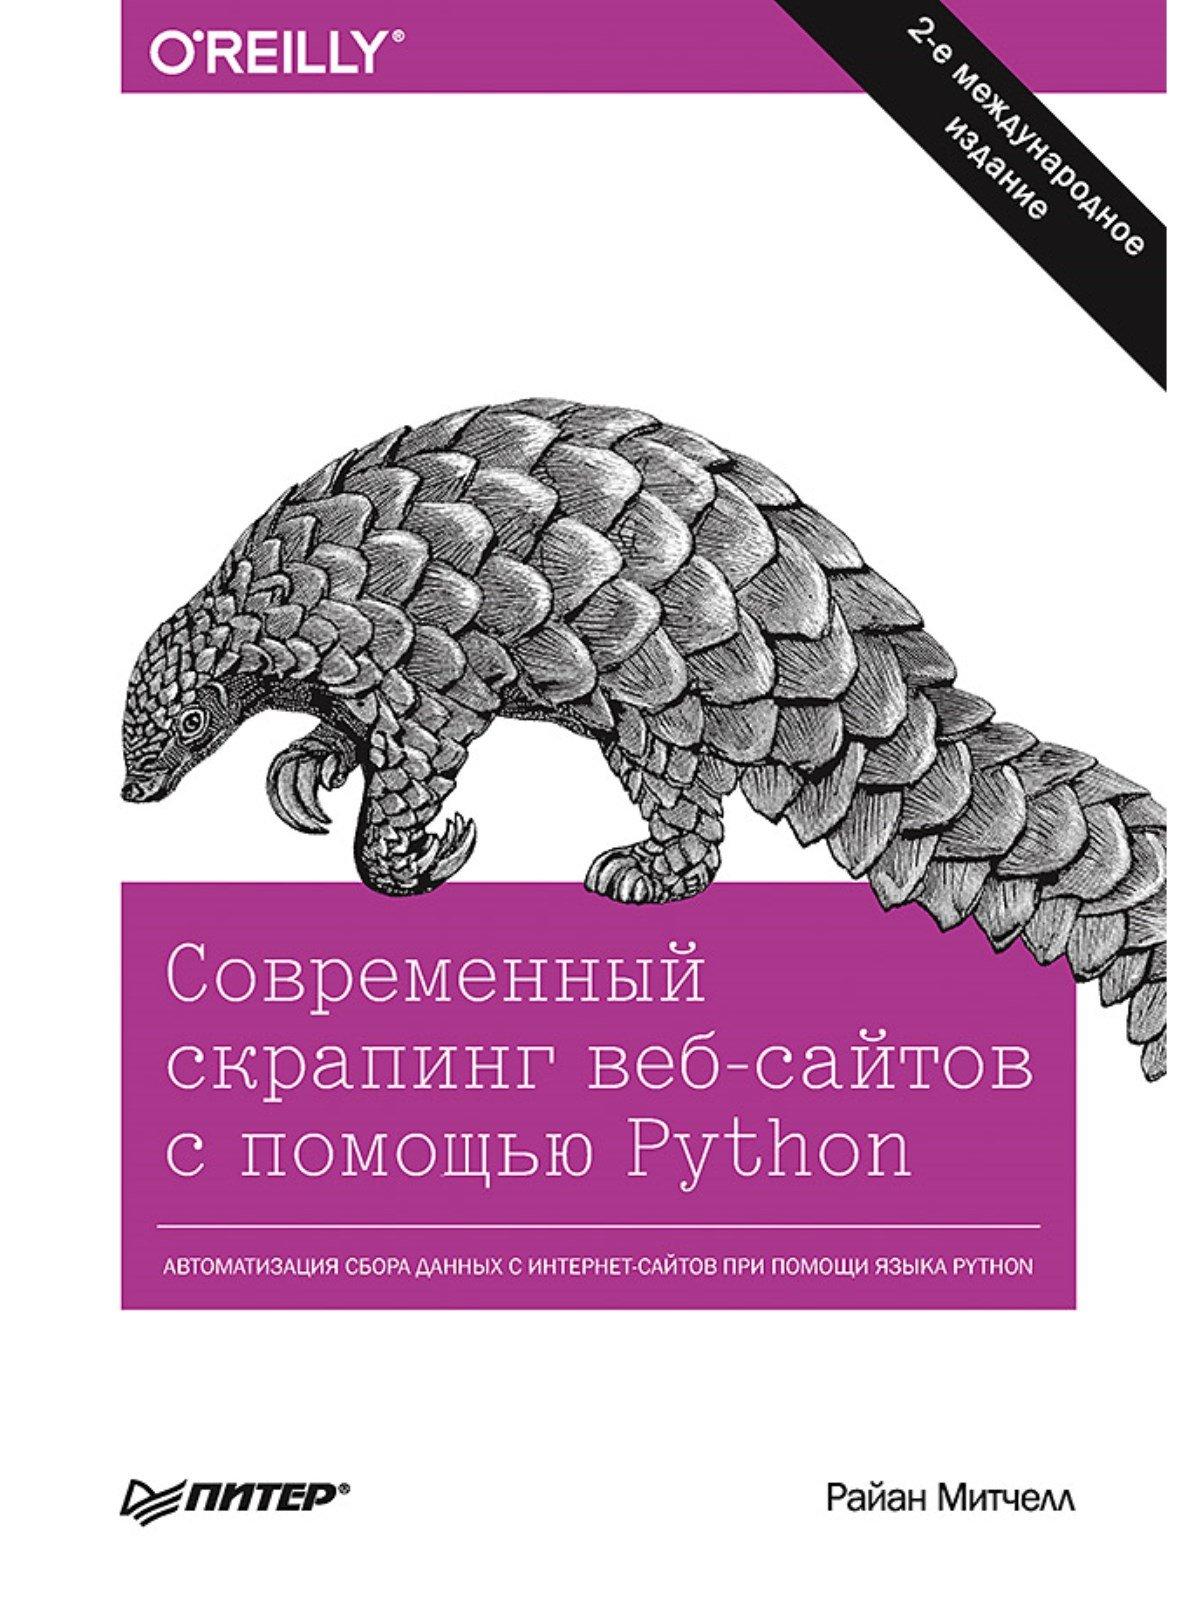 Митчелл Райан Современный скрапинг веб-сайтов с помощью Python. 2-е межд. издание